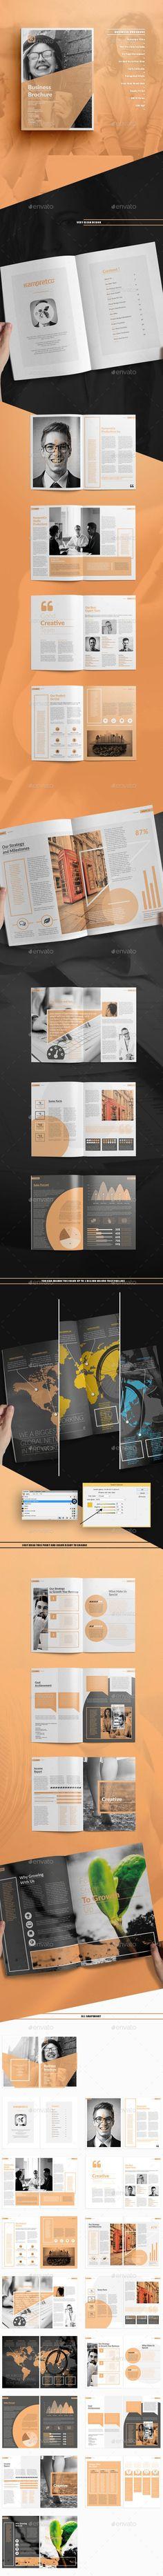 Brochure - Corporate Brochures Template Design - Download Here : http://graphicriver.net/item/brochure/13854635?s_rank=28&ref=yinkira